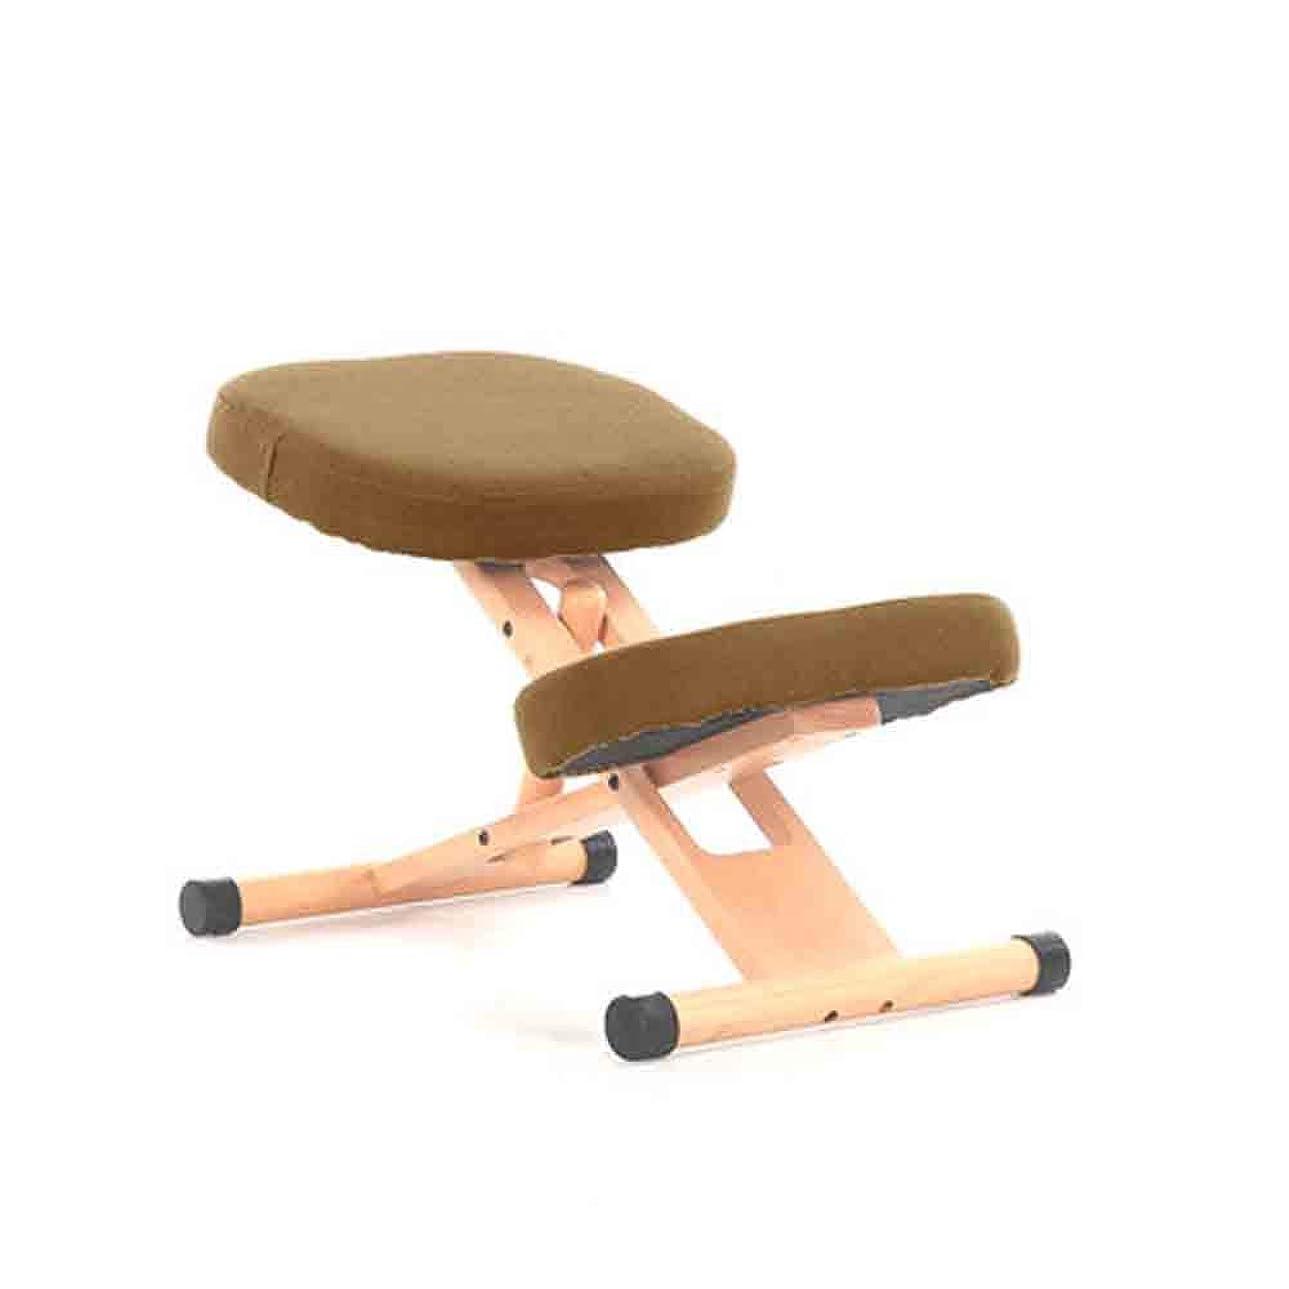 下線時一般的な人間工学に基づいたひざまずく椅子、高さ調節可能な人間工学に基づいたひざまずく、ホームオフィスの整形外科の姿勢の椅子、A7